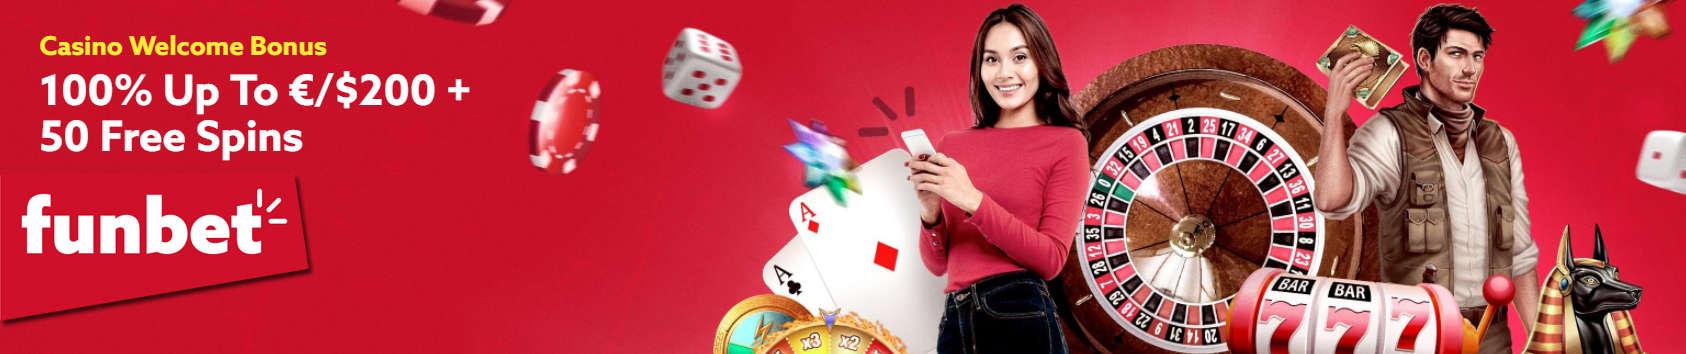 Funbet Casino Bonus Banner NOGP